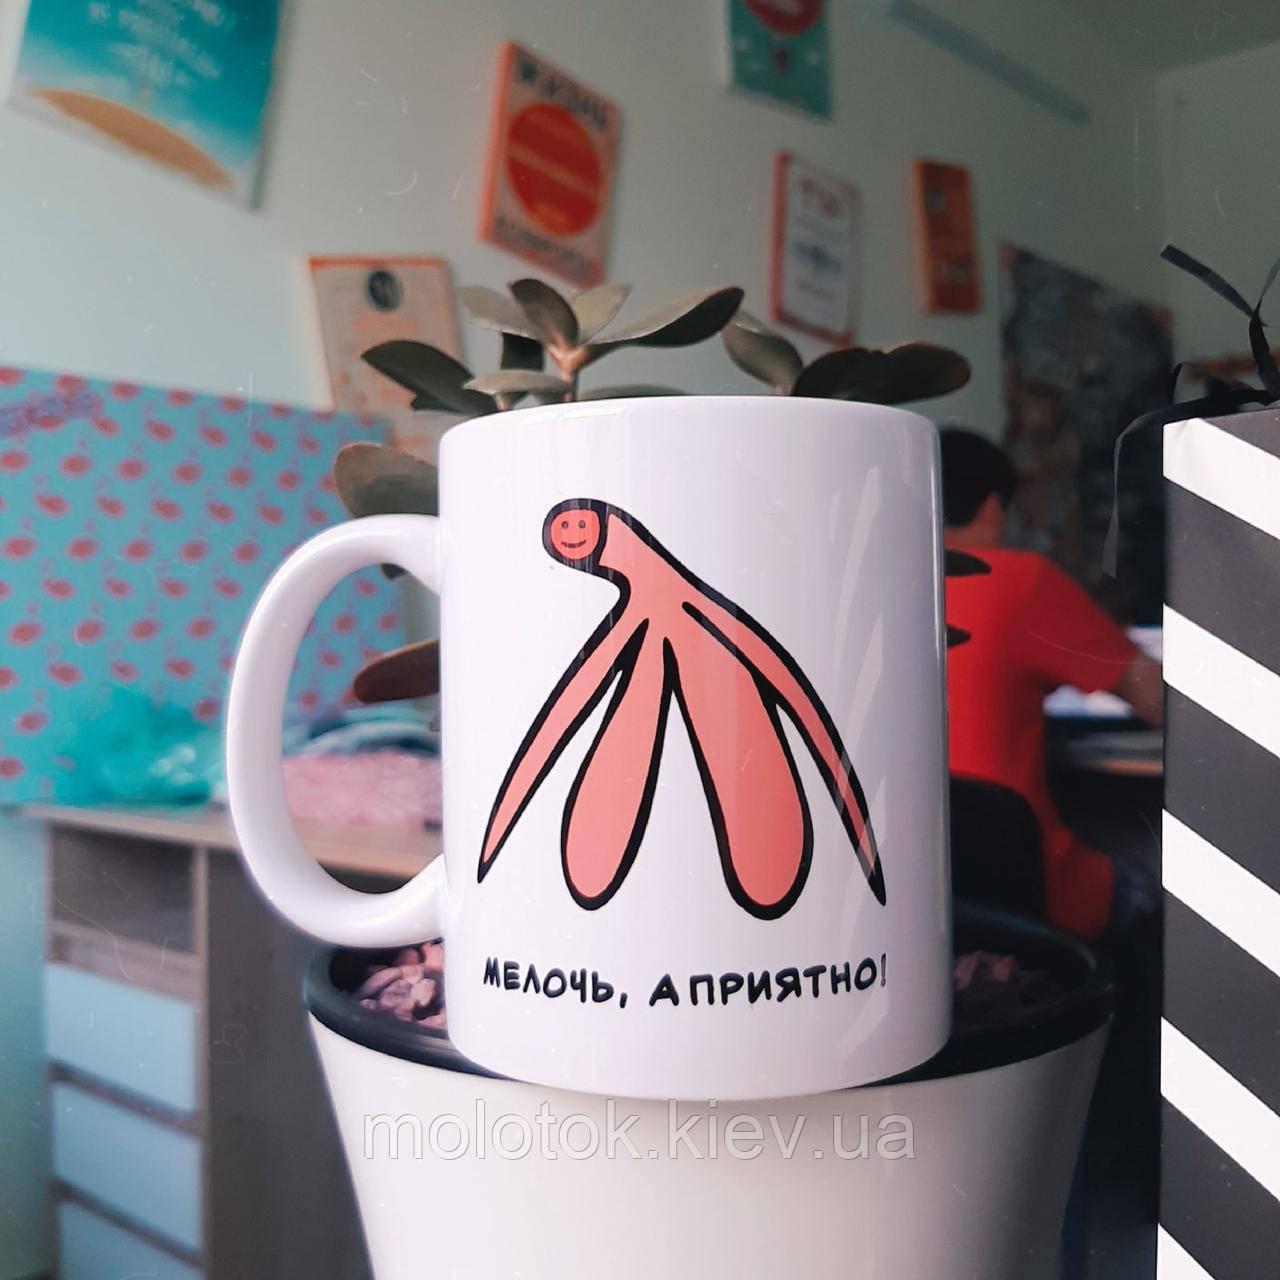 Чашка Дрібниця а приємно.